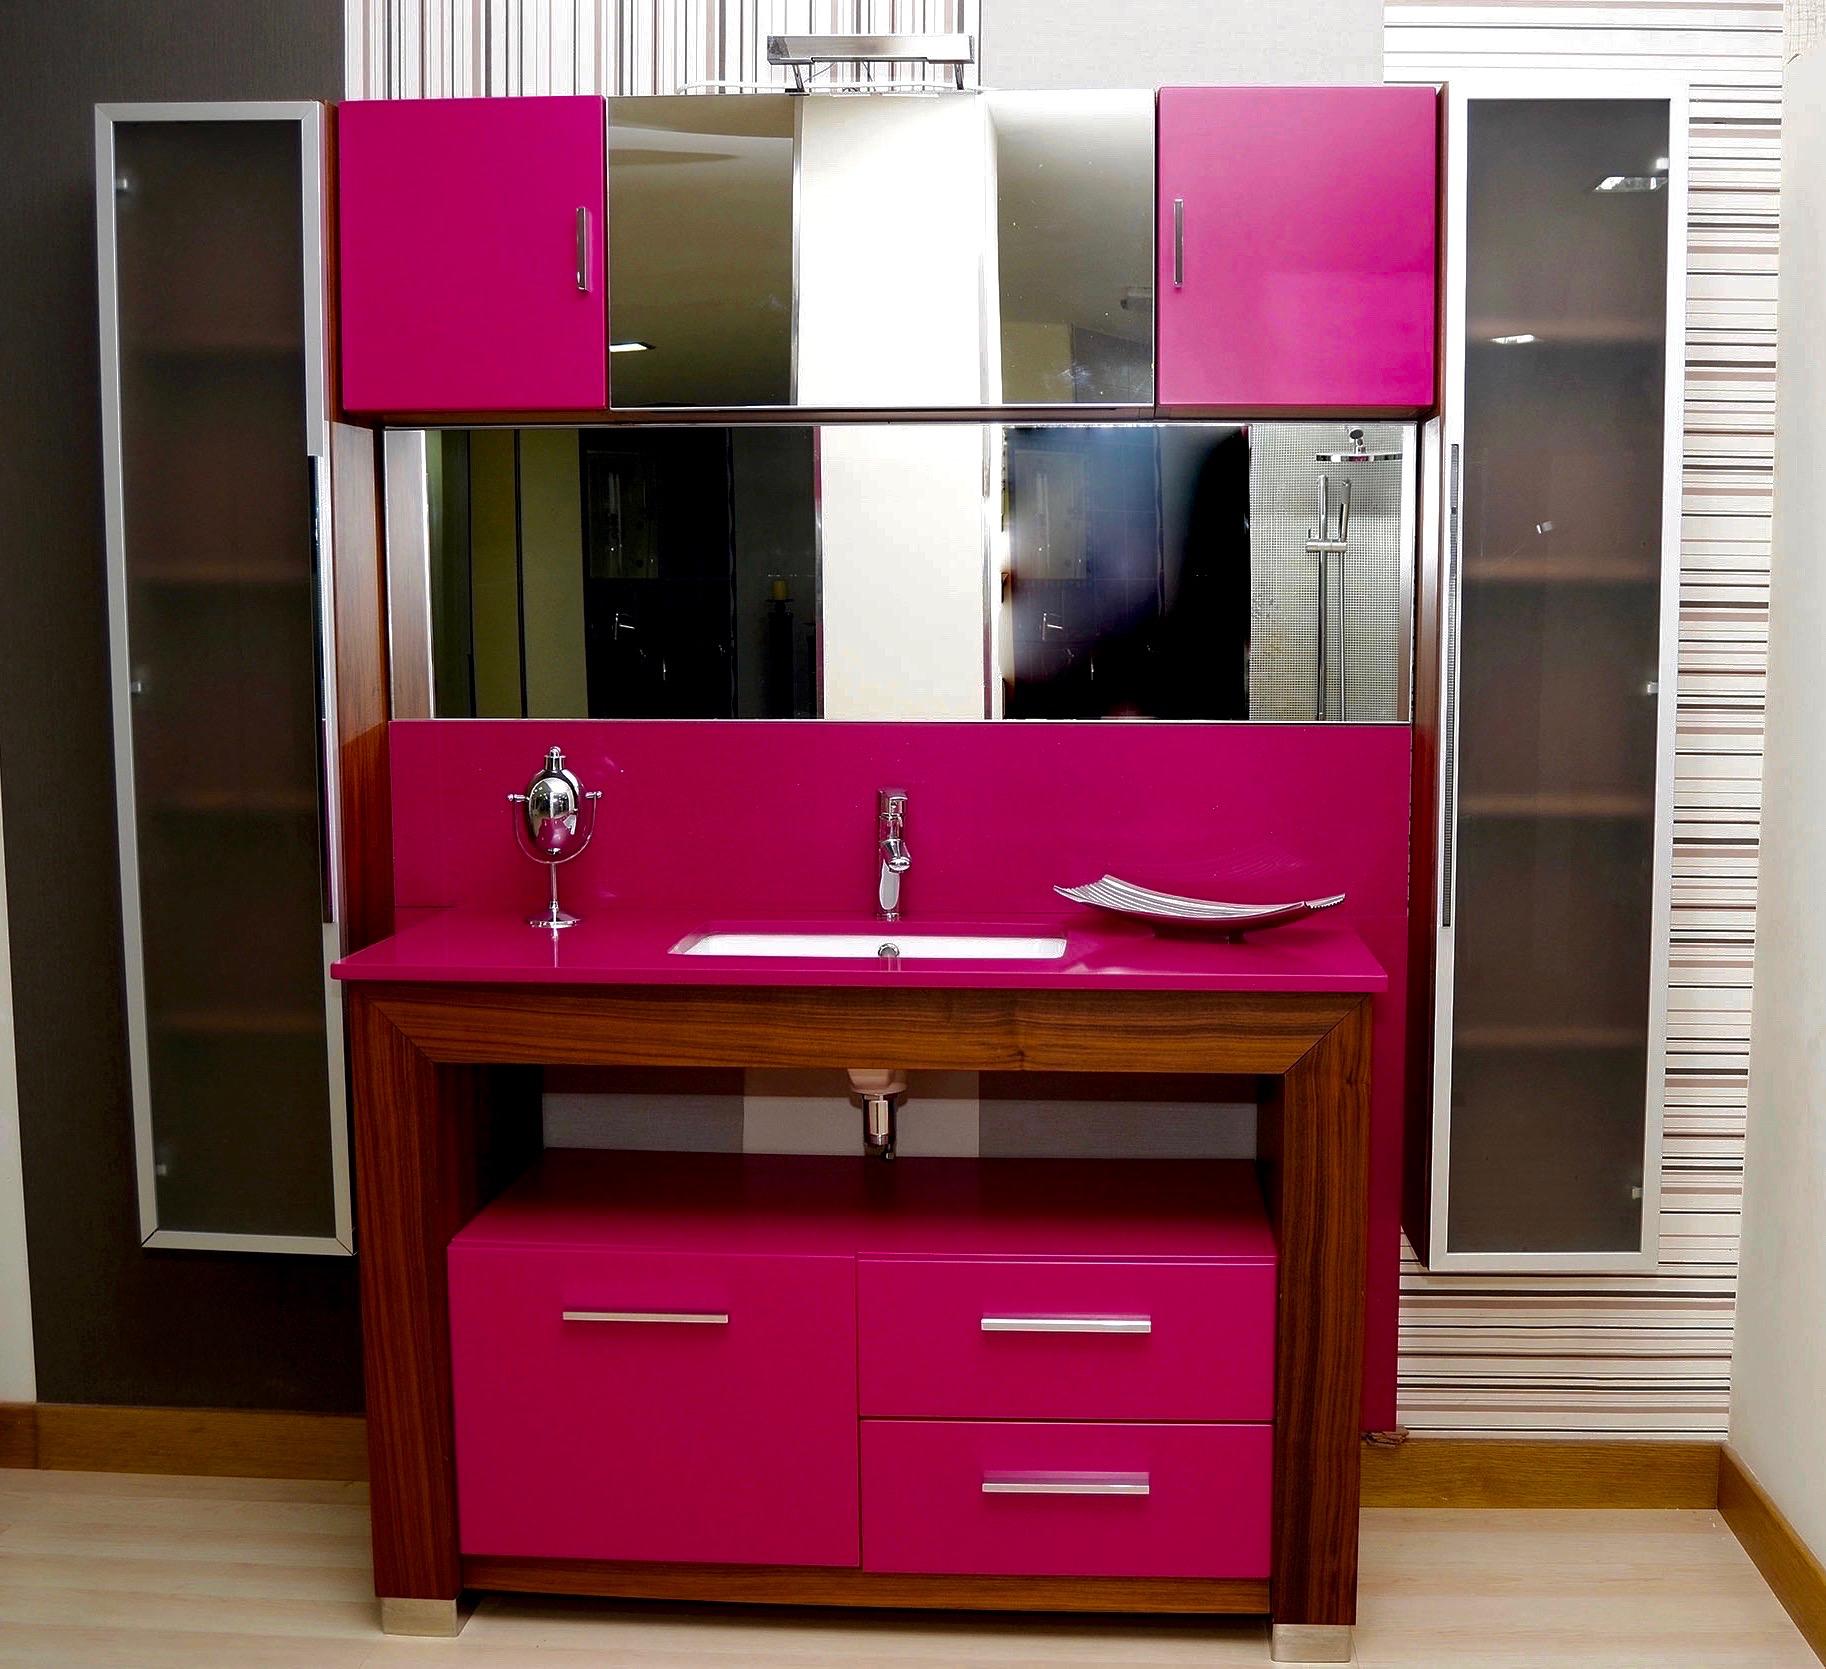 Nuestros ba os premium00 josman hermanos tienda de muebles de cocina y ba o en santander - Tiendas de armarios ...